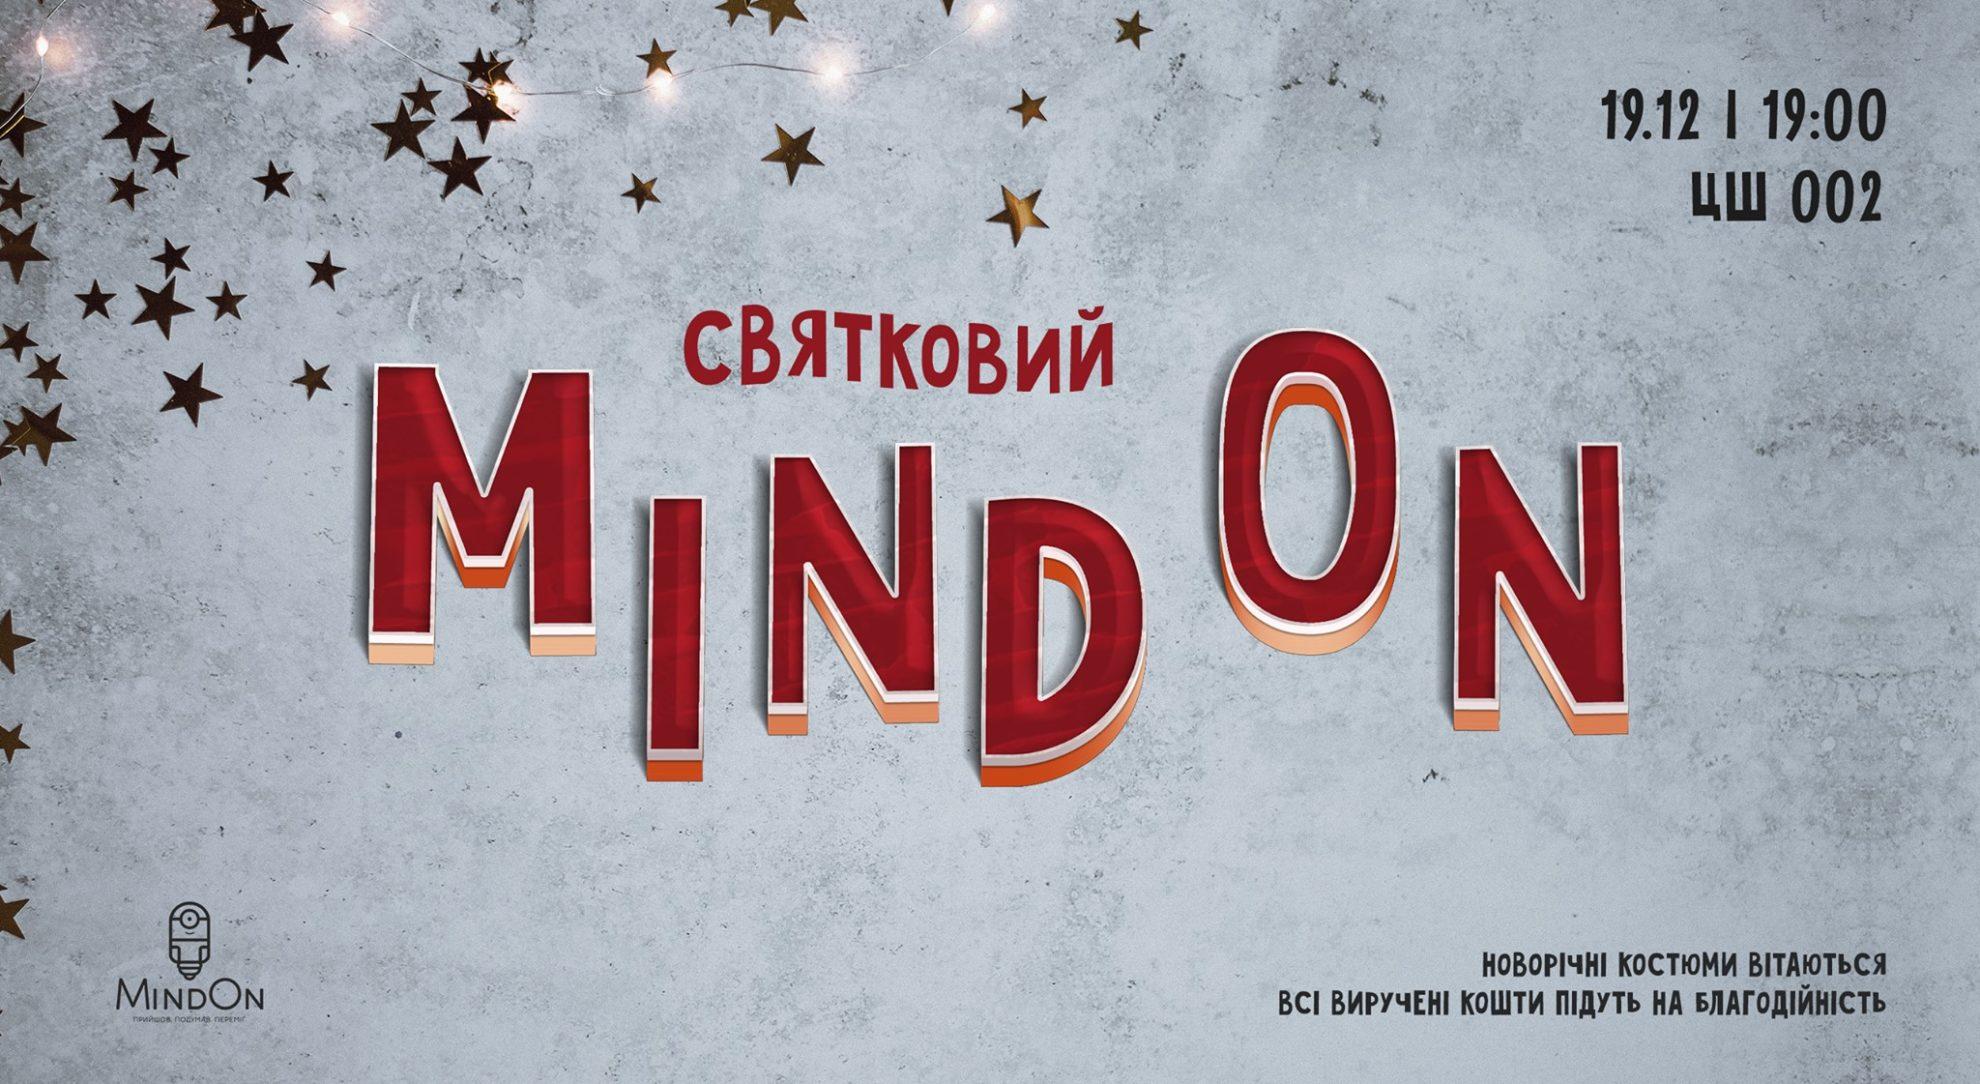 MindOn: Четверта гра